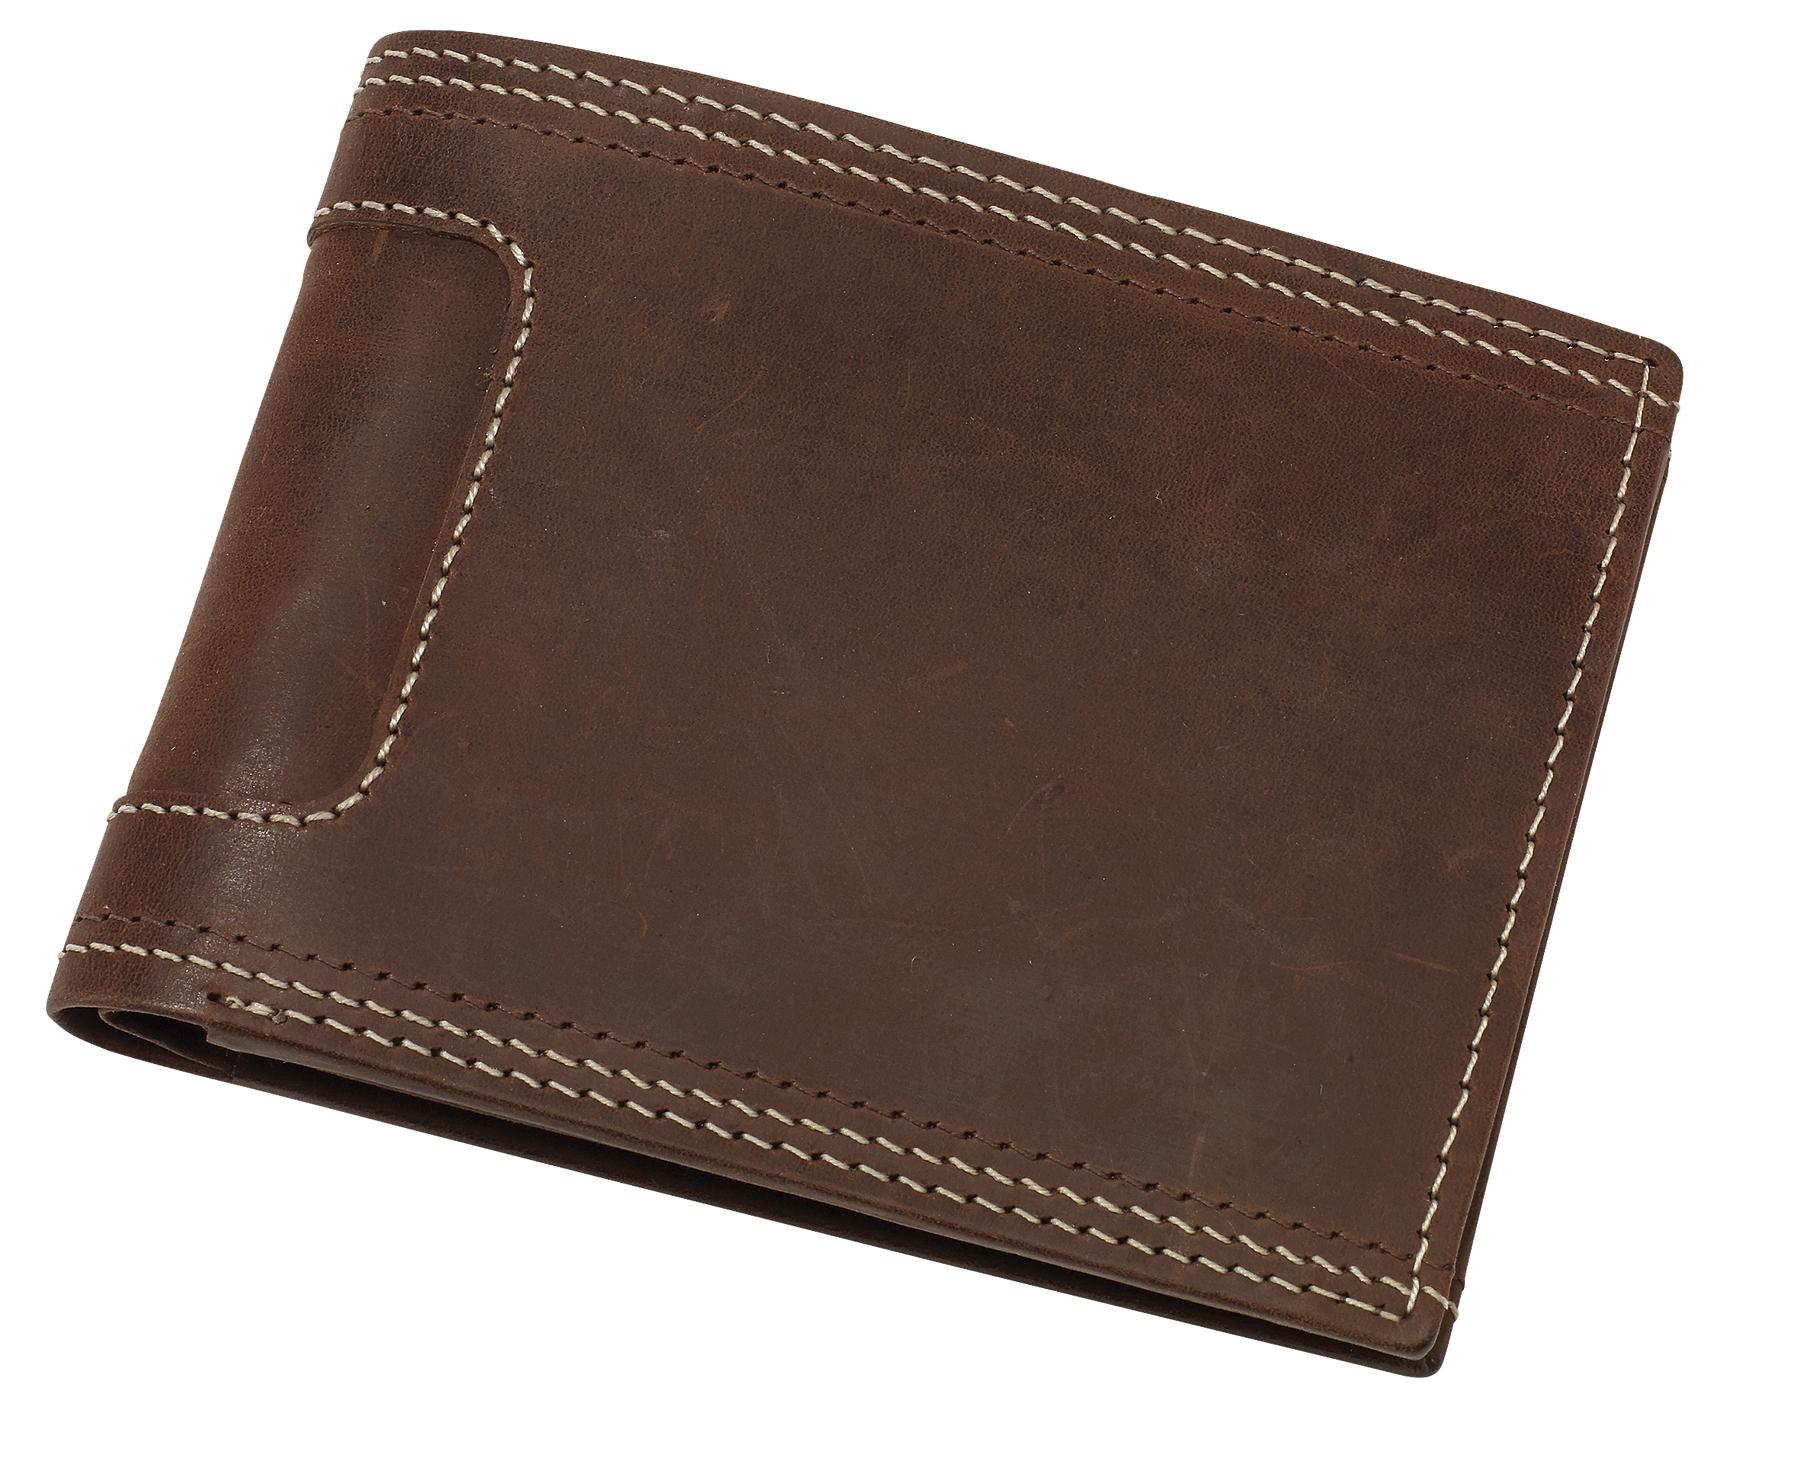 Skórzana portmonetka WILD THING, brązowy